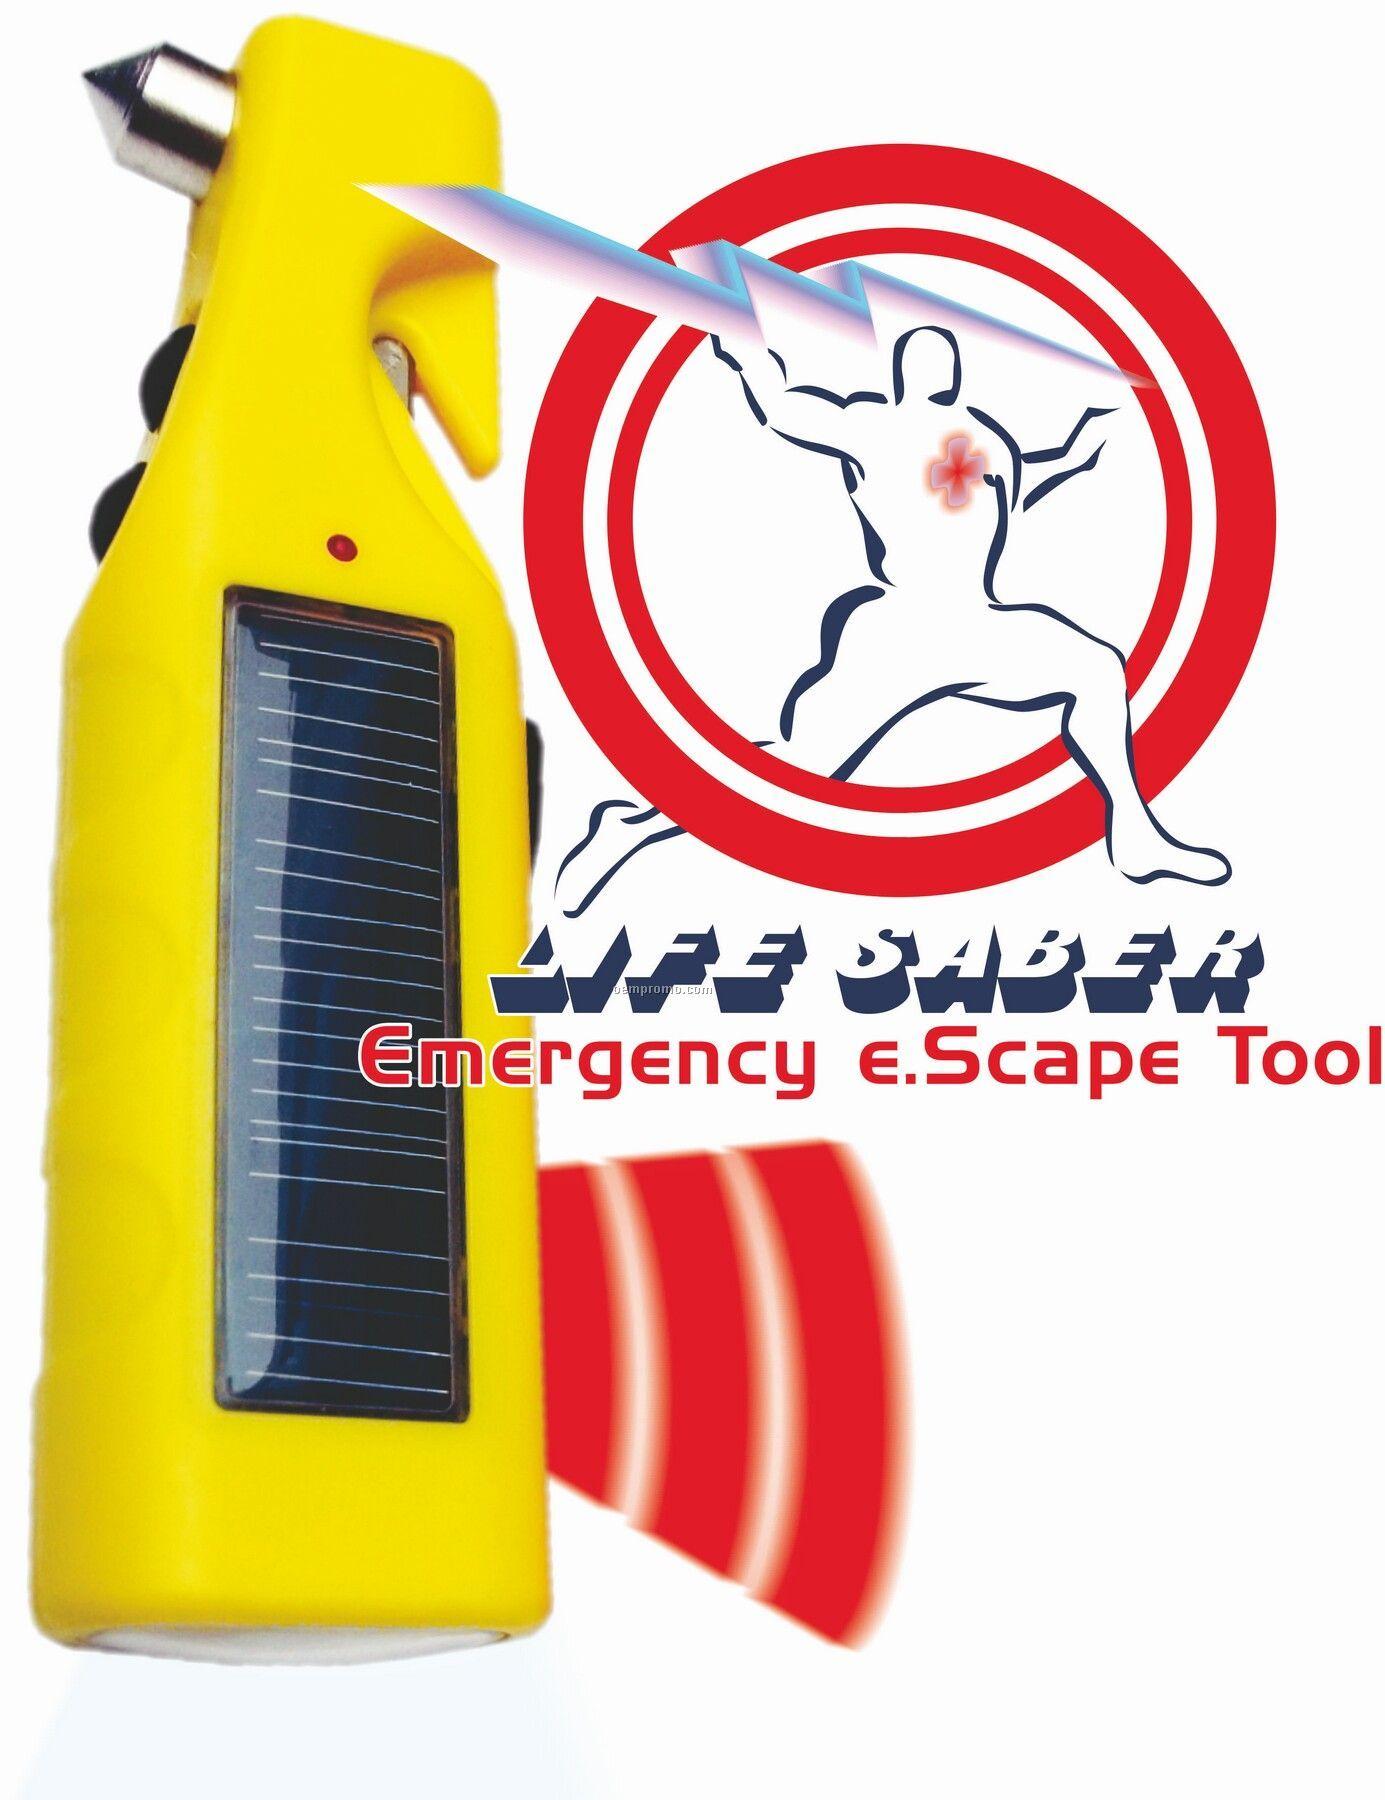 Life Saber Solar E.scape Tool